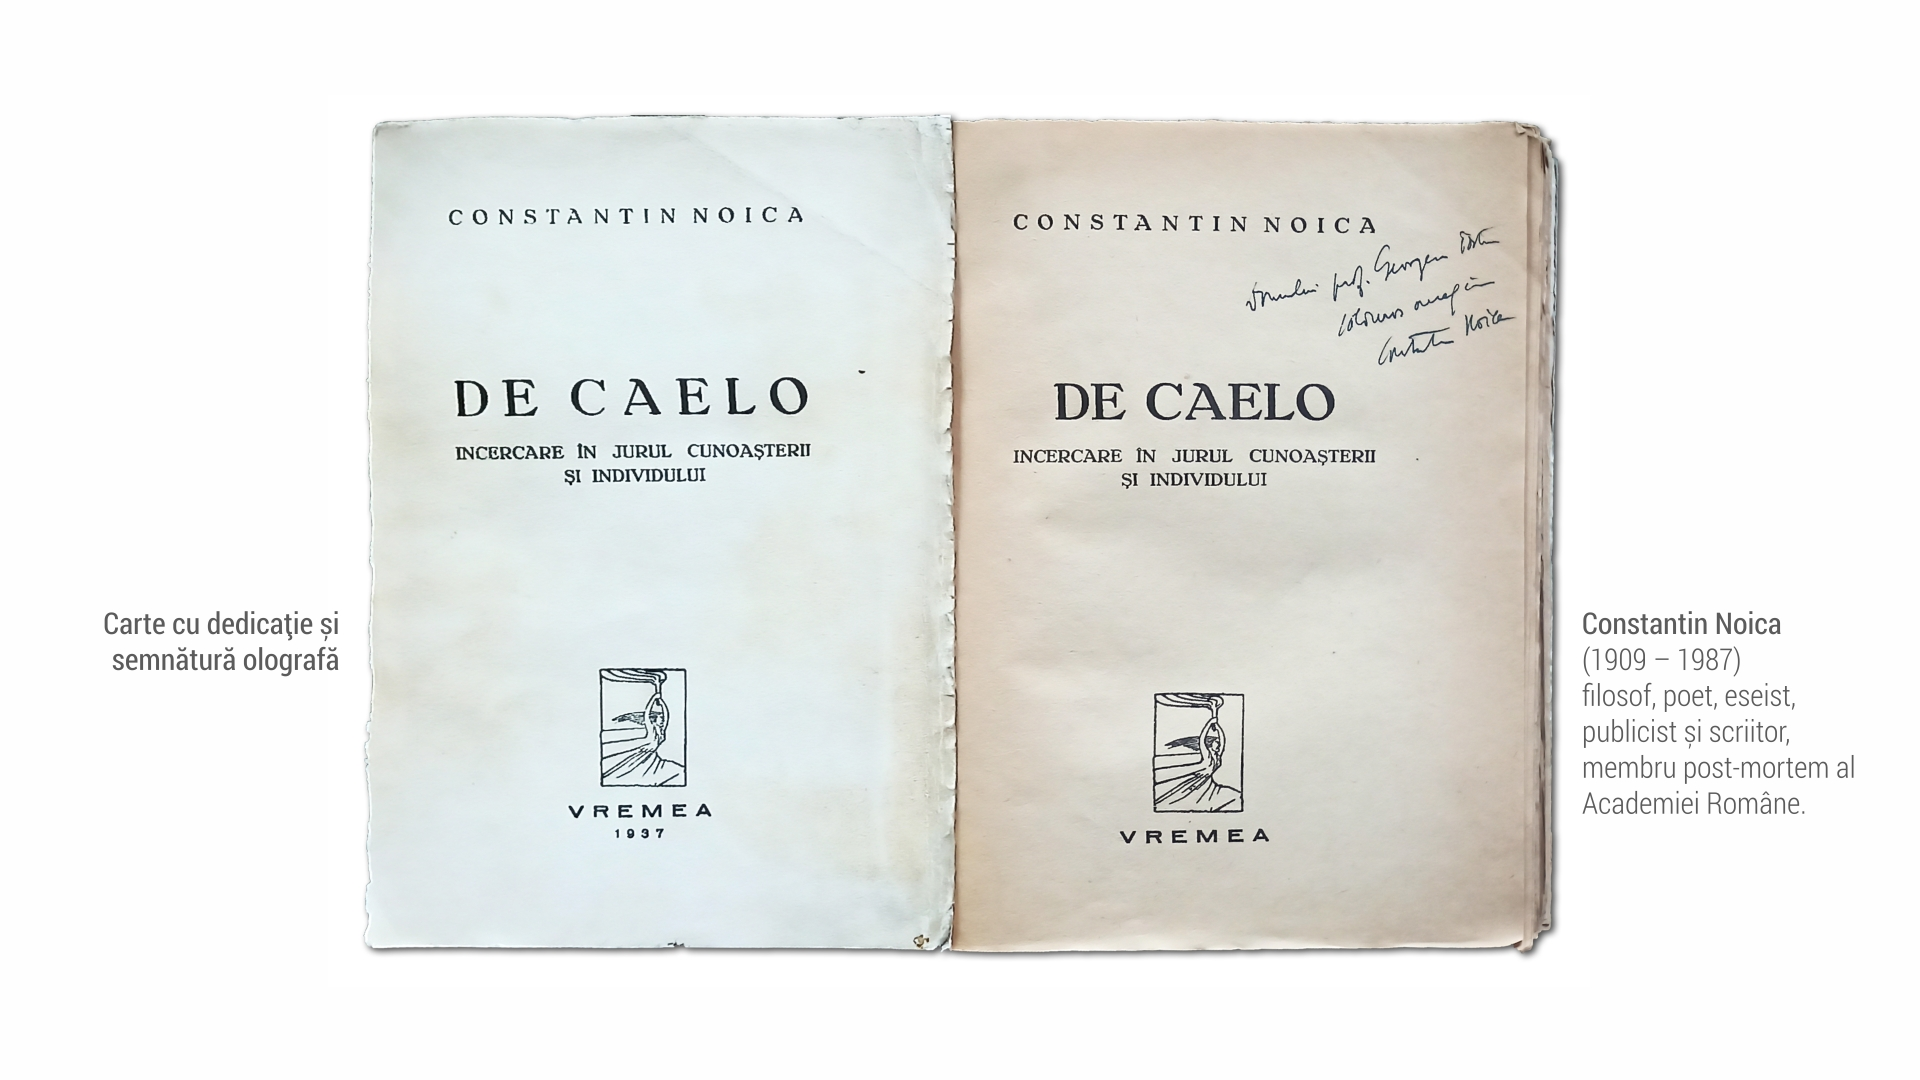 1909 Constantin Noica - carte